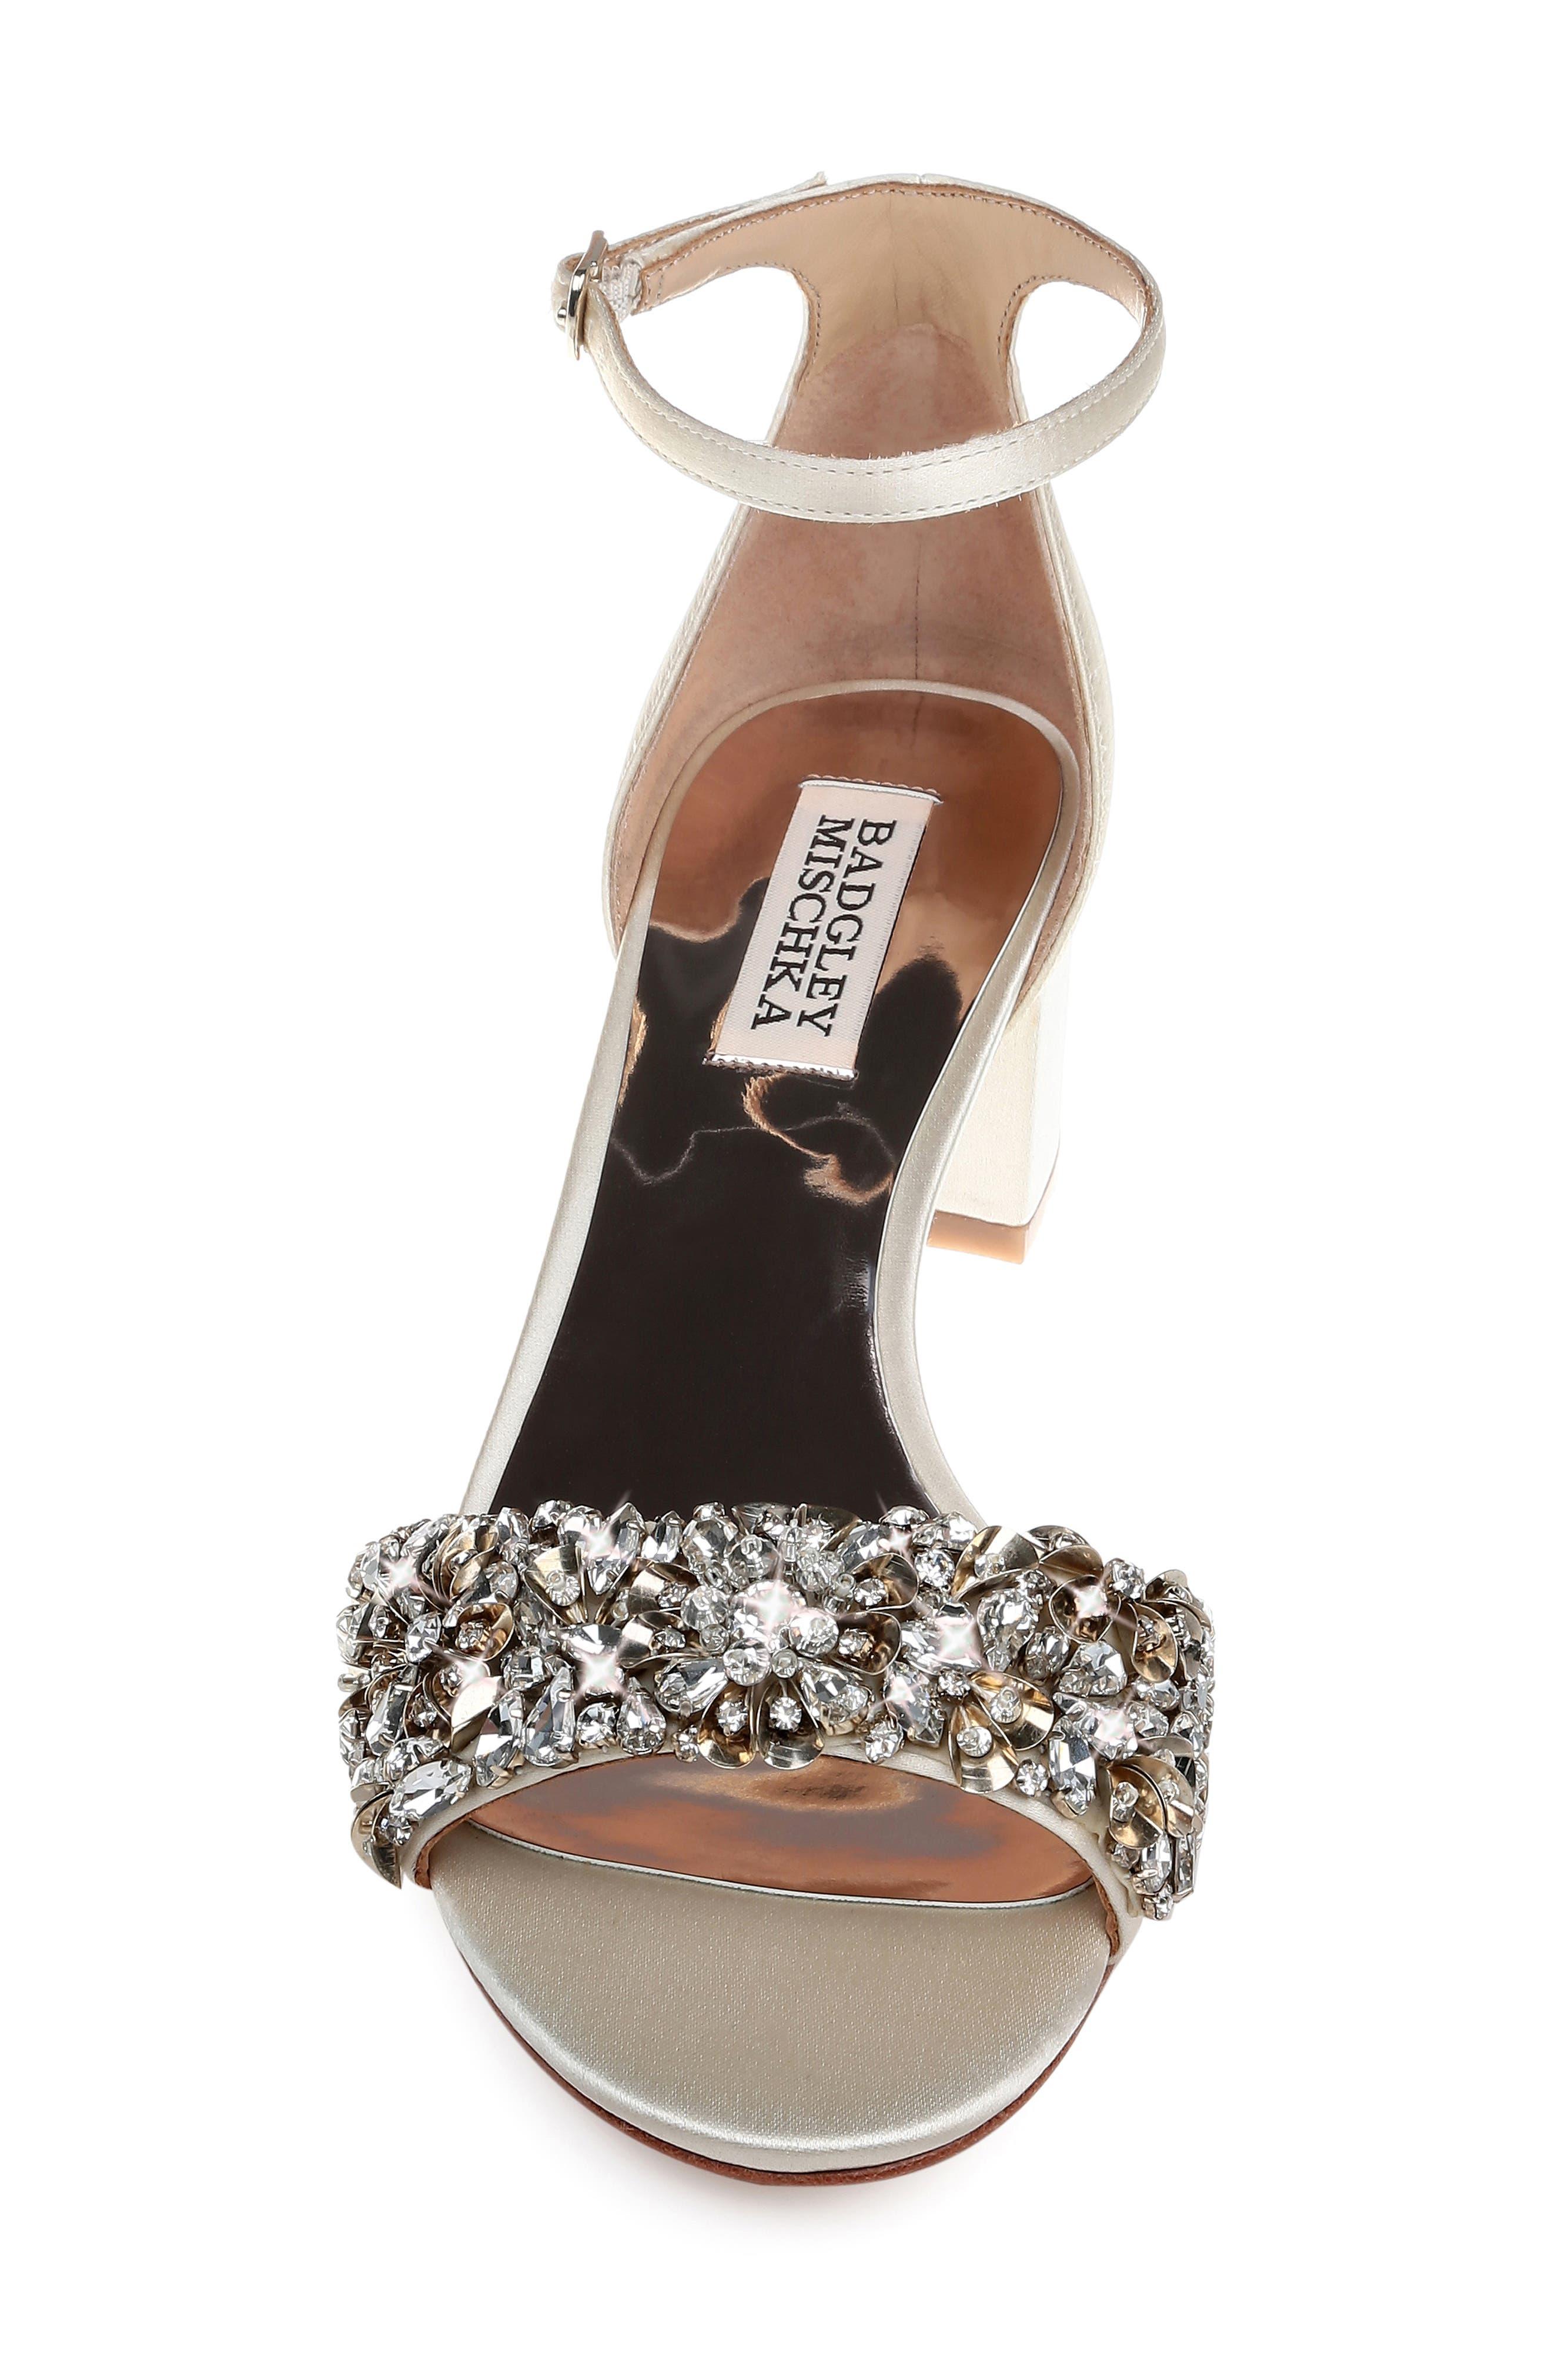 Vega Crystal Embellished Sandal,                             Alternate thumbnail 4, color,                             IVORY SATIN